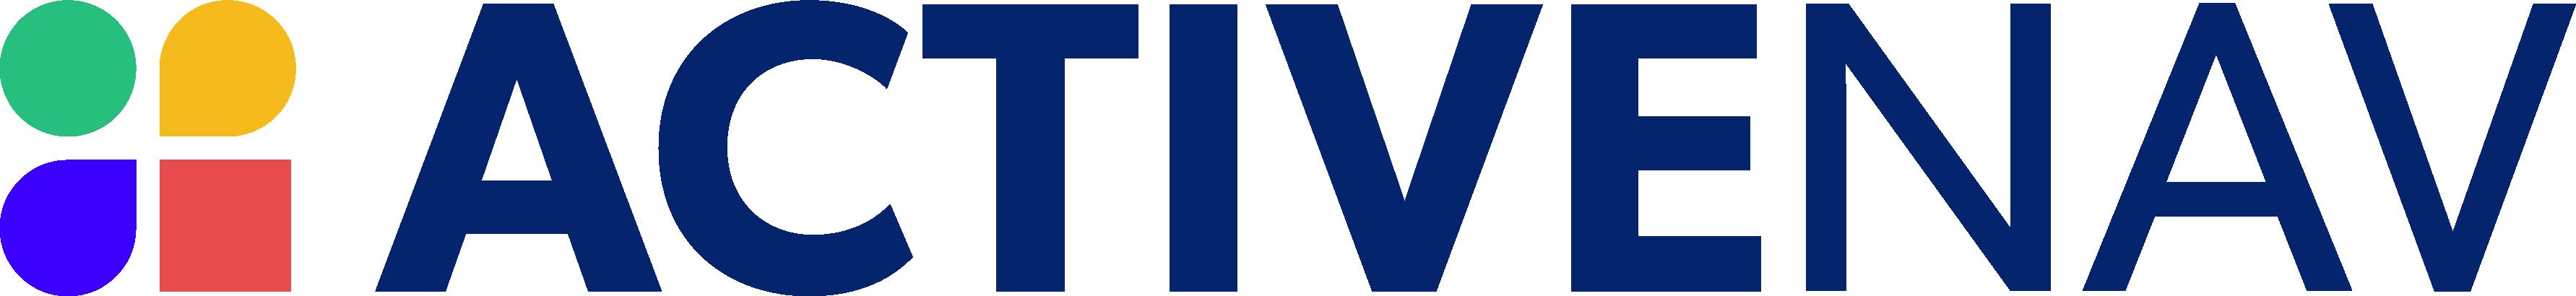 activenav_logo_full